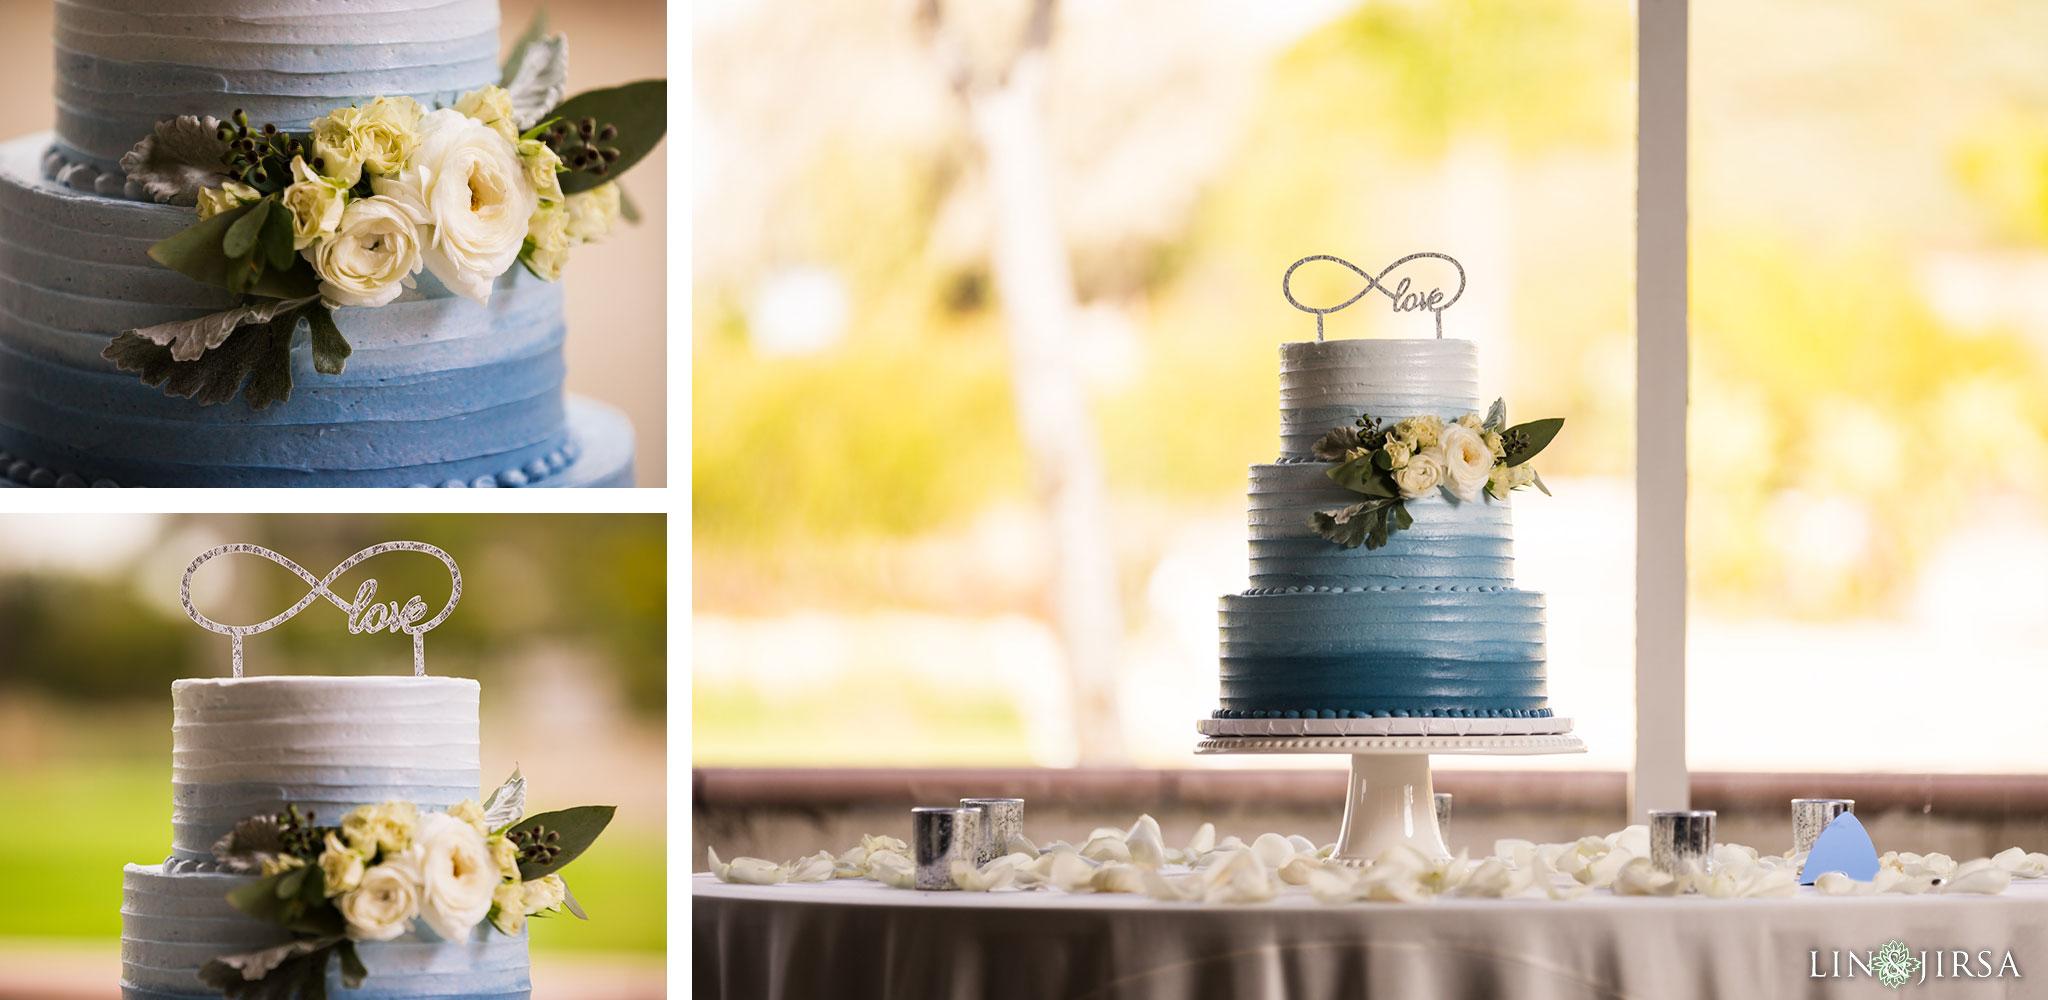 25 westridge golf club la habra wedding reception photography